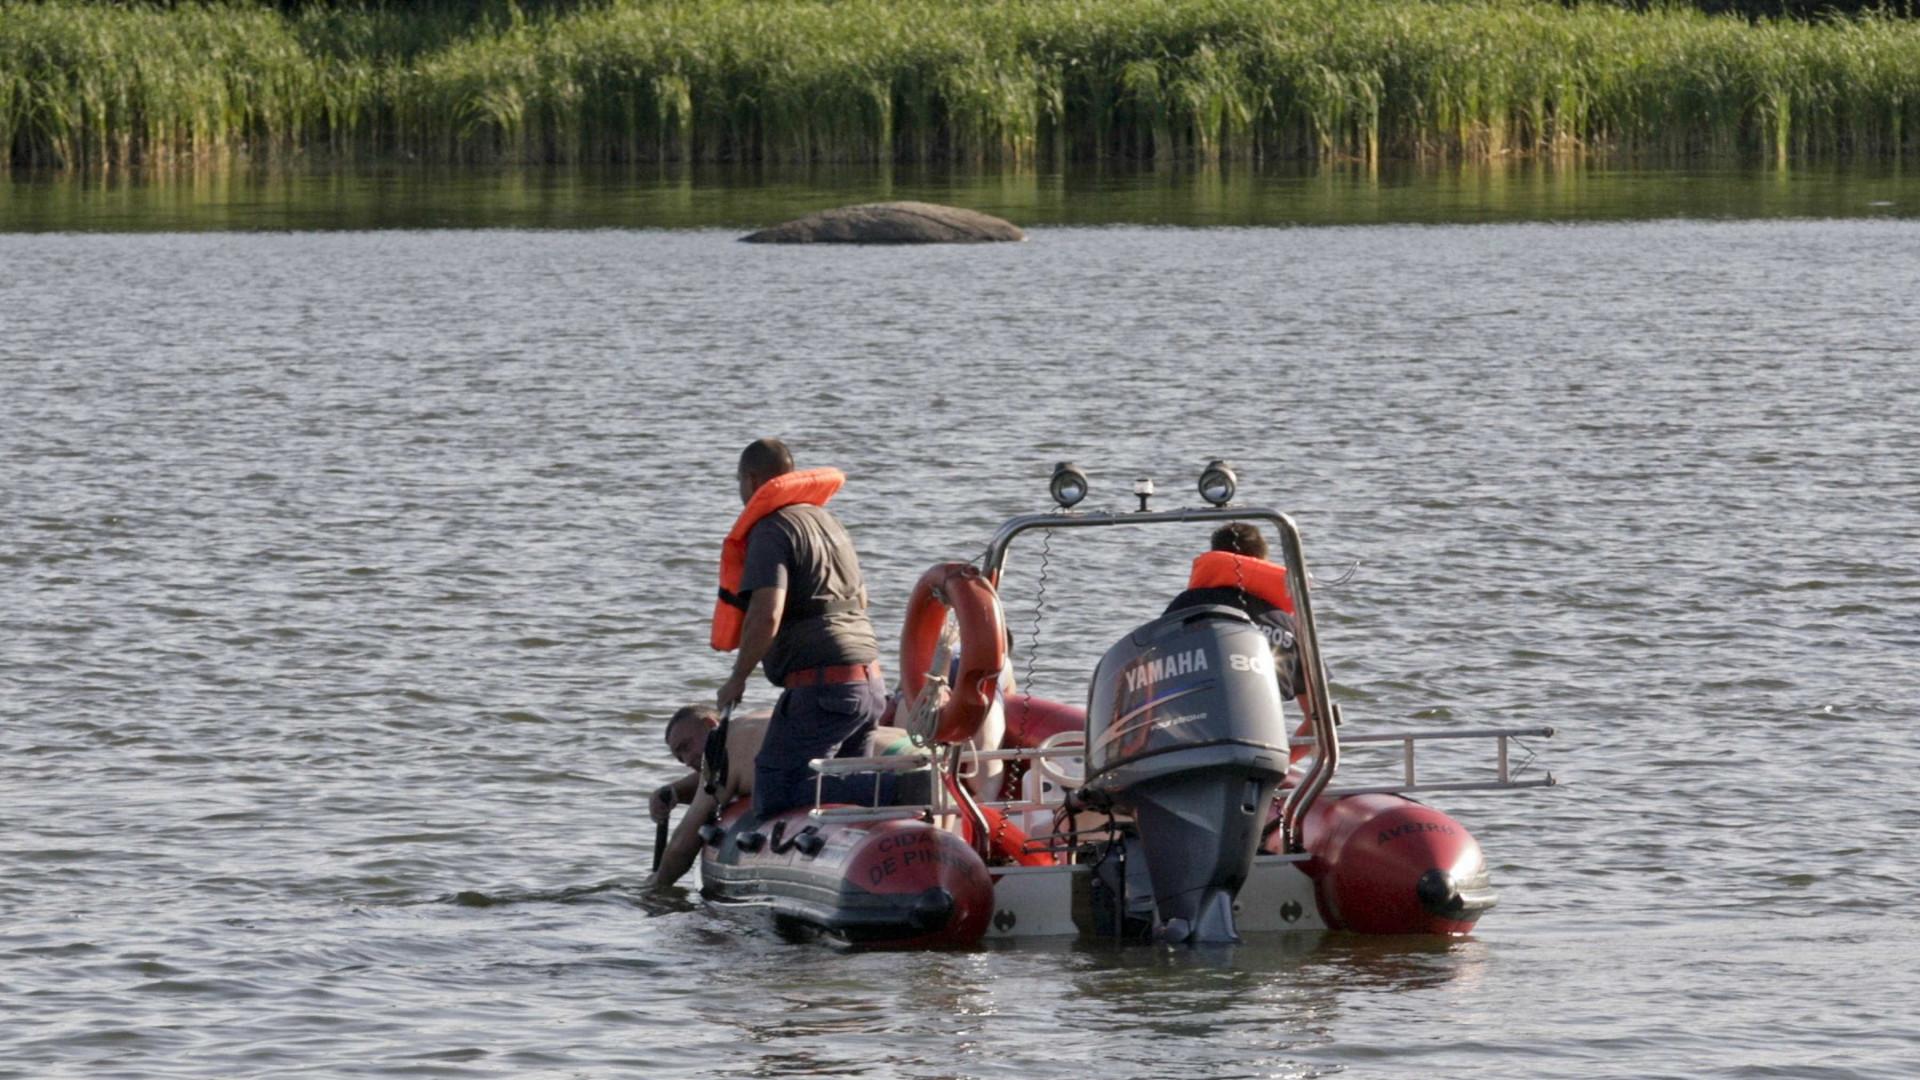 Retomadas buscas pelo homem desaparecido em barragem do Alandroal